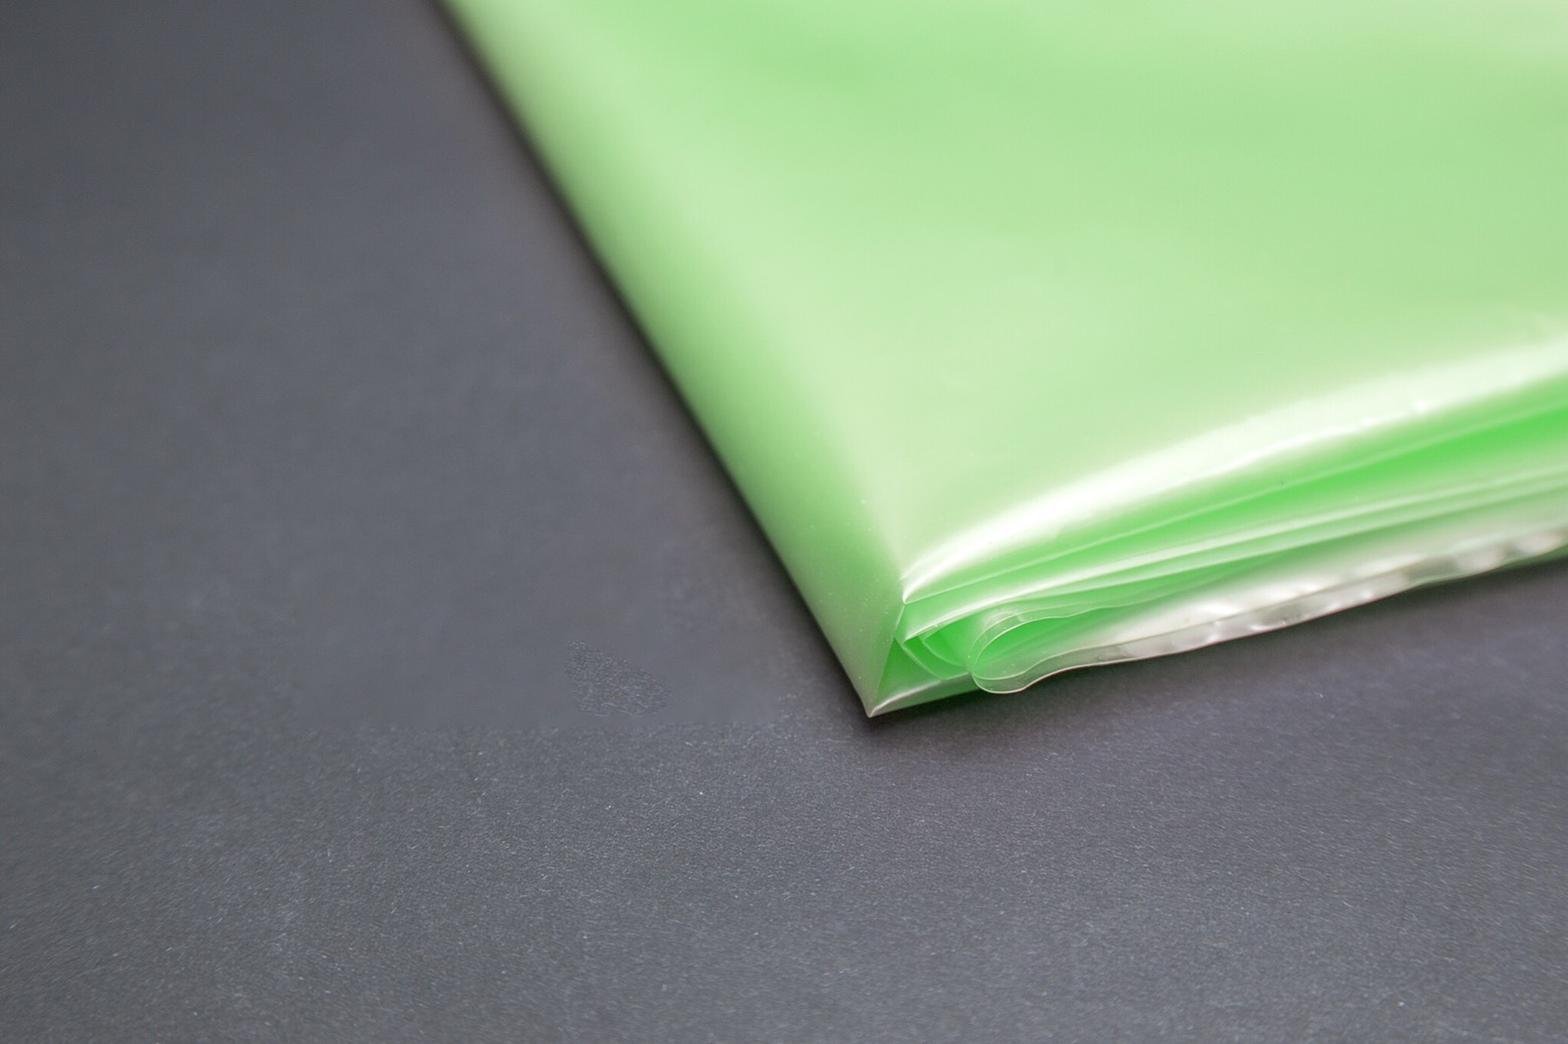 รูปประกอบตัวอย่างถุงพลาสติกที่มีการเติมแต่งสารต่างๆลงไปในถุงพลาสติก